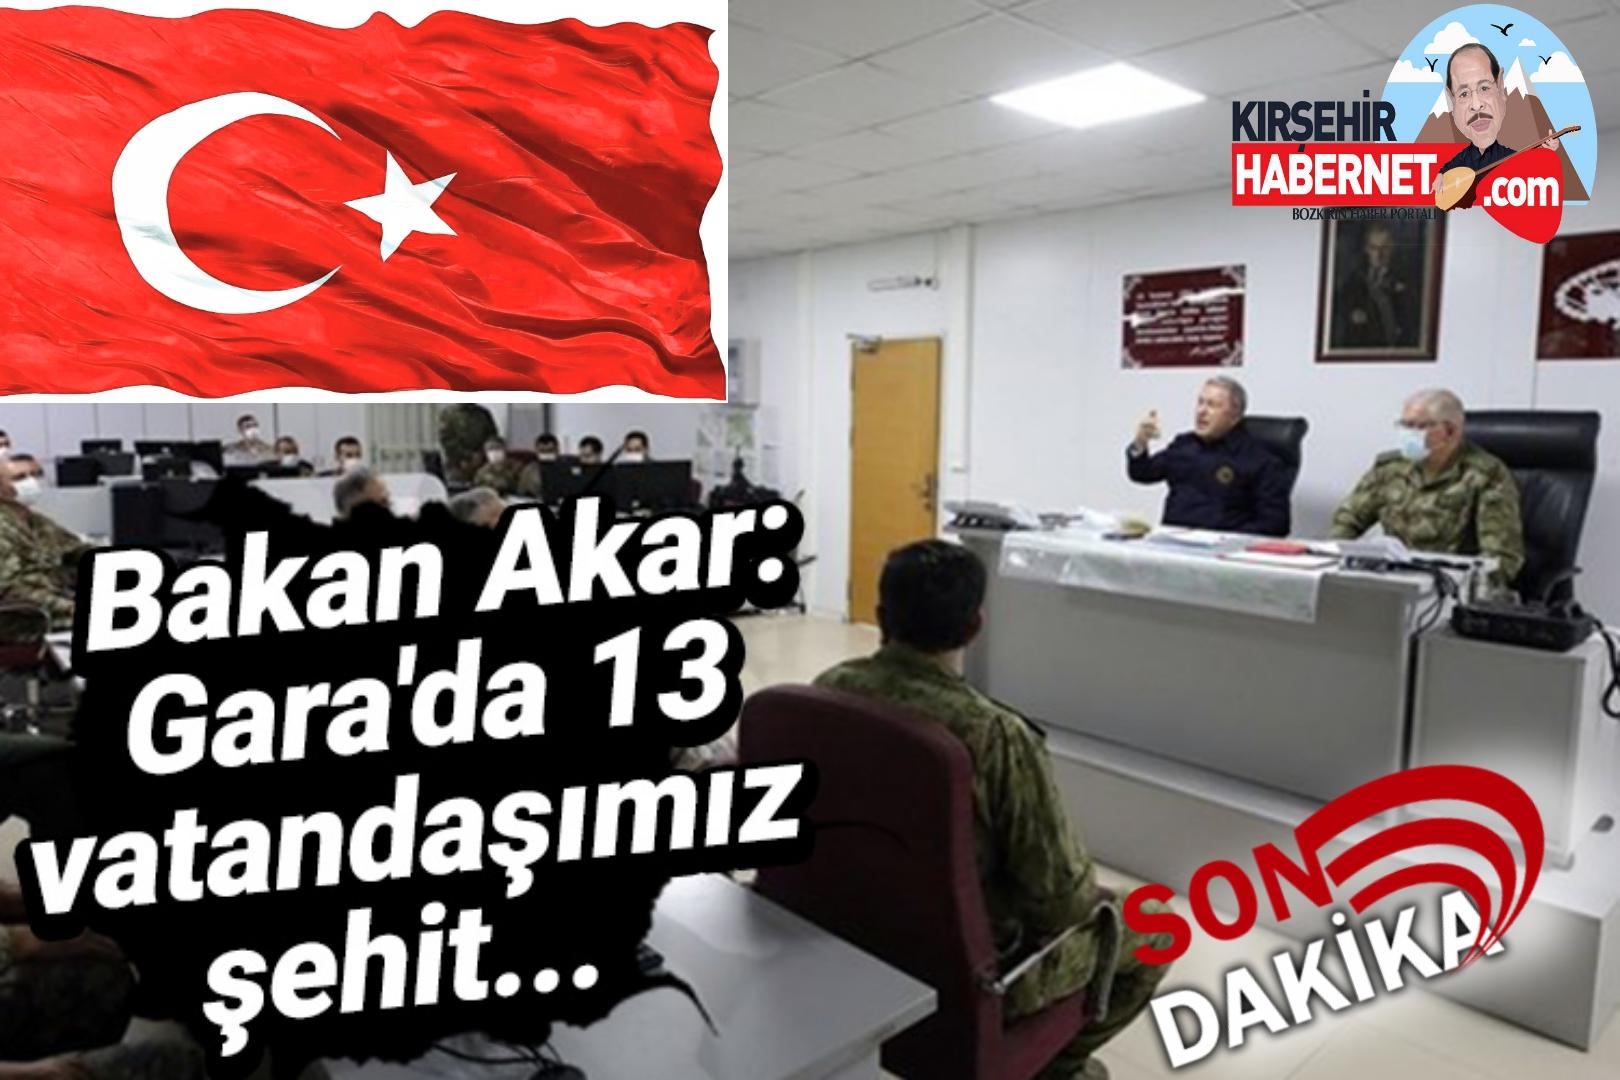 PKK 13 MASUM SİVİL VATANDAŞIMIZI ŞEHİT ETTİ !!